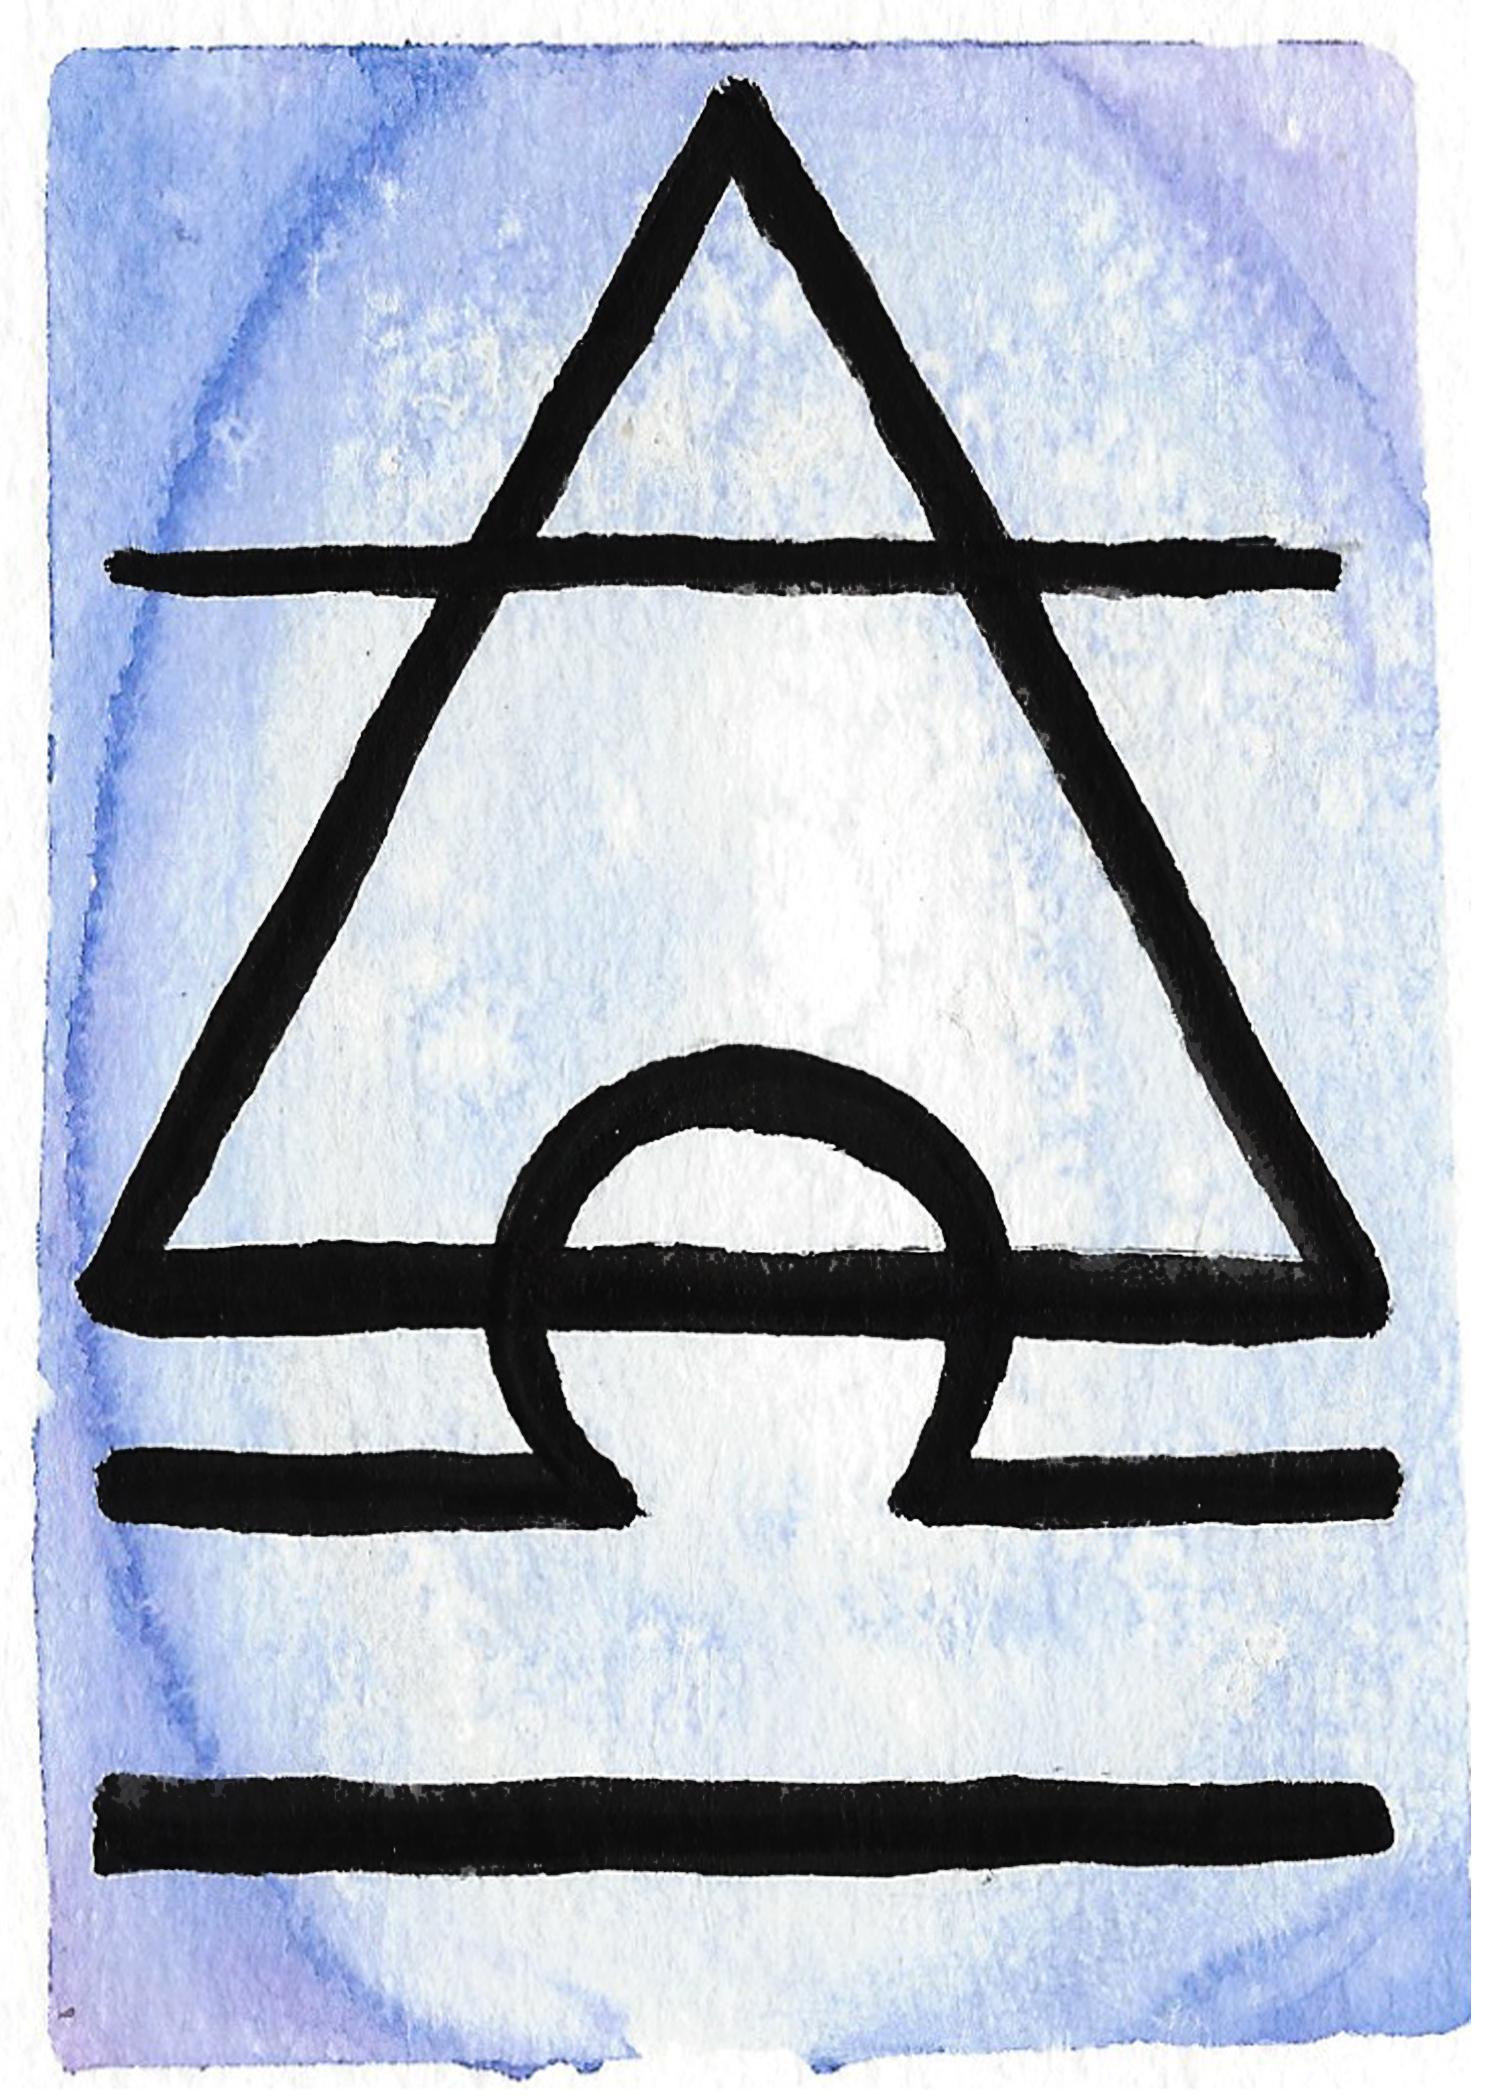 libra element symbol 5x7